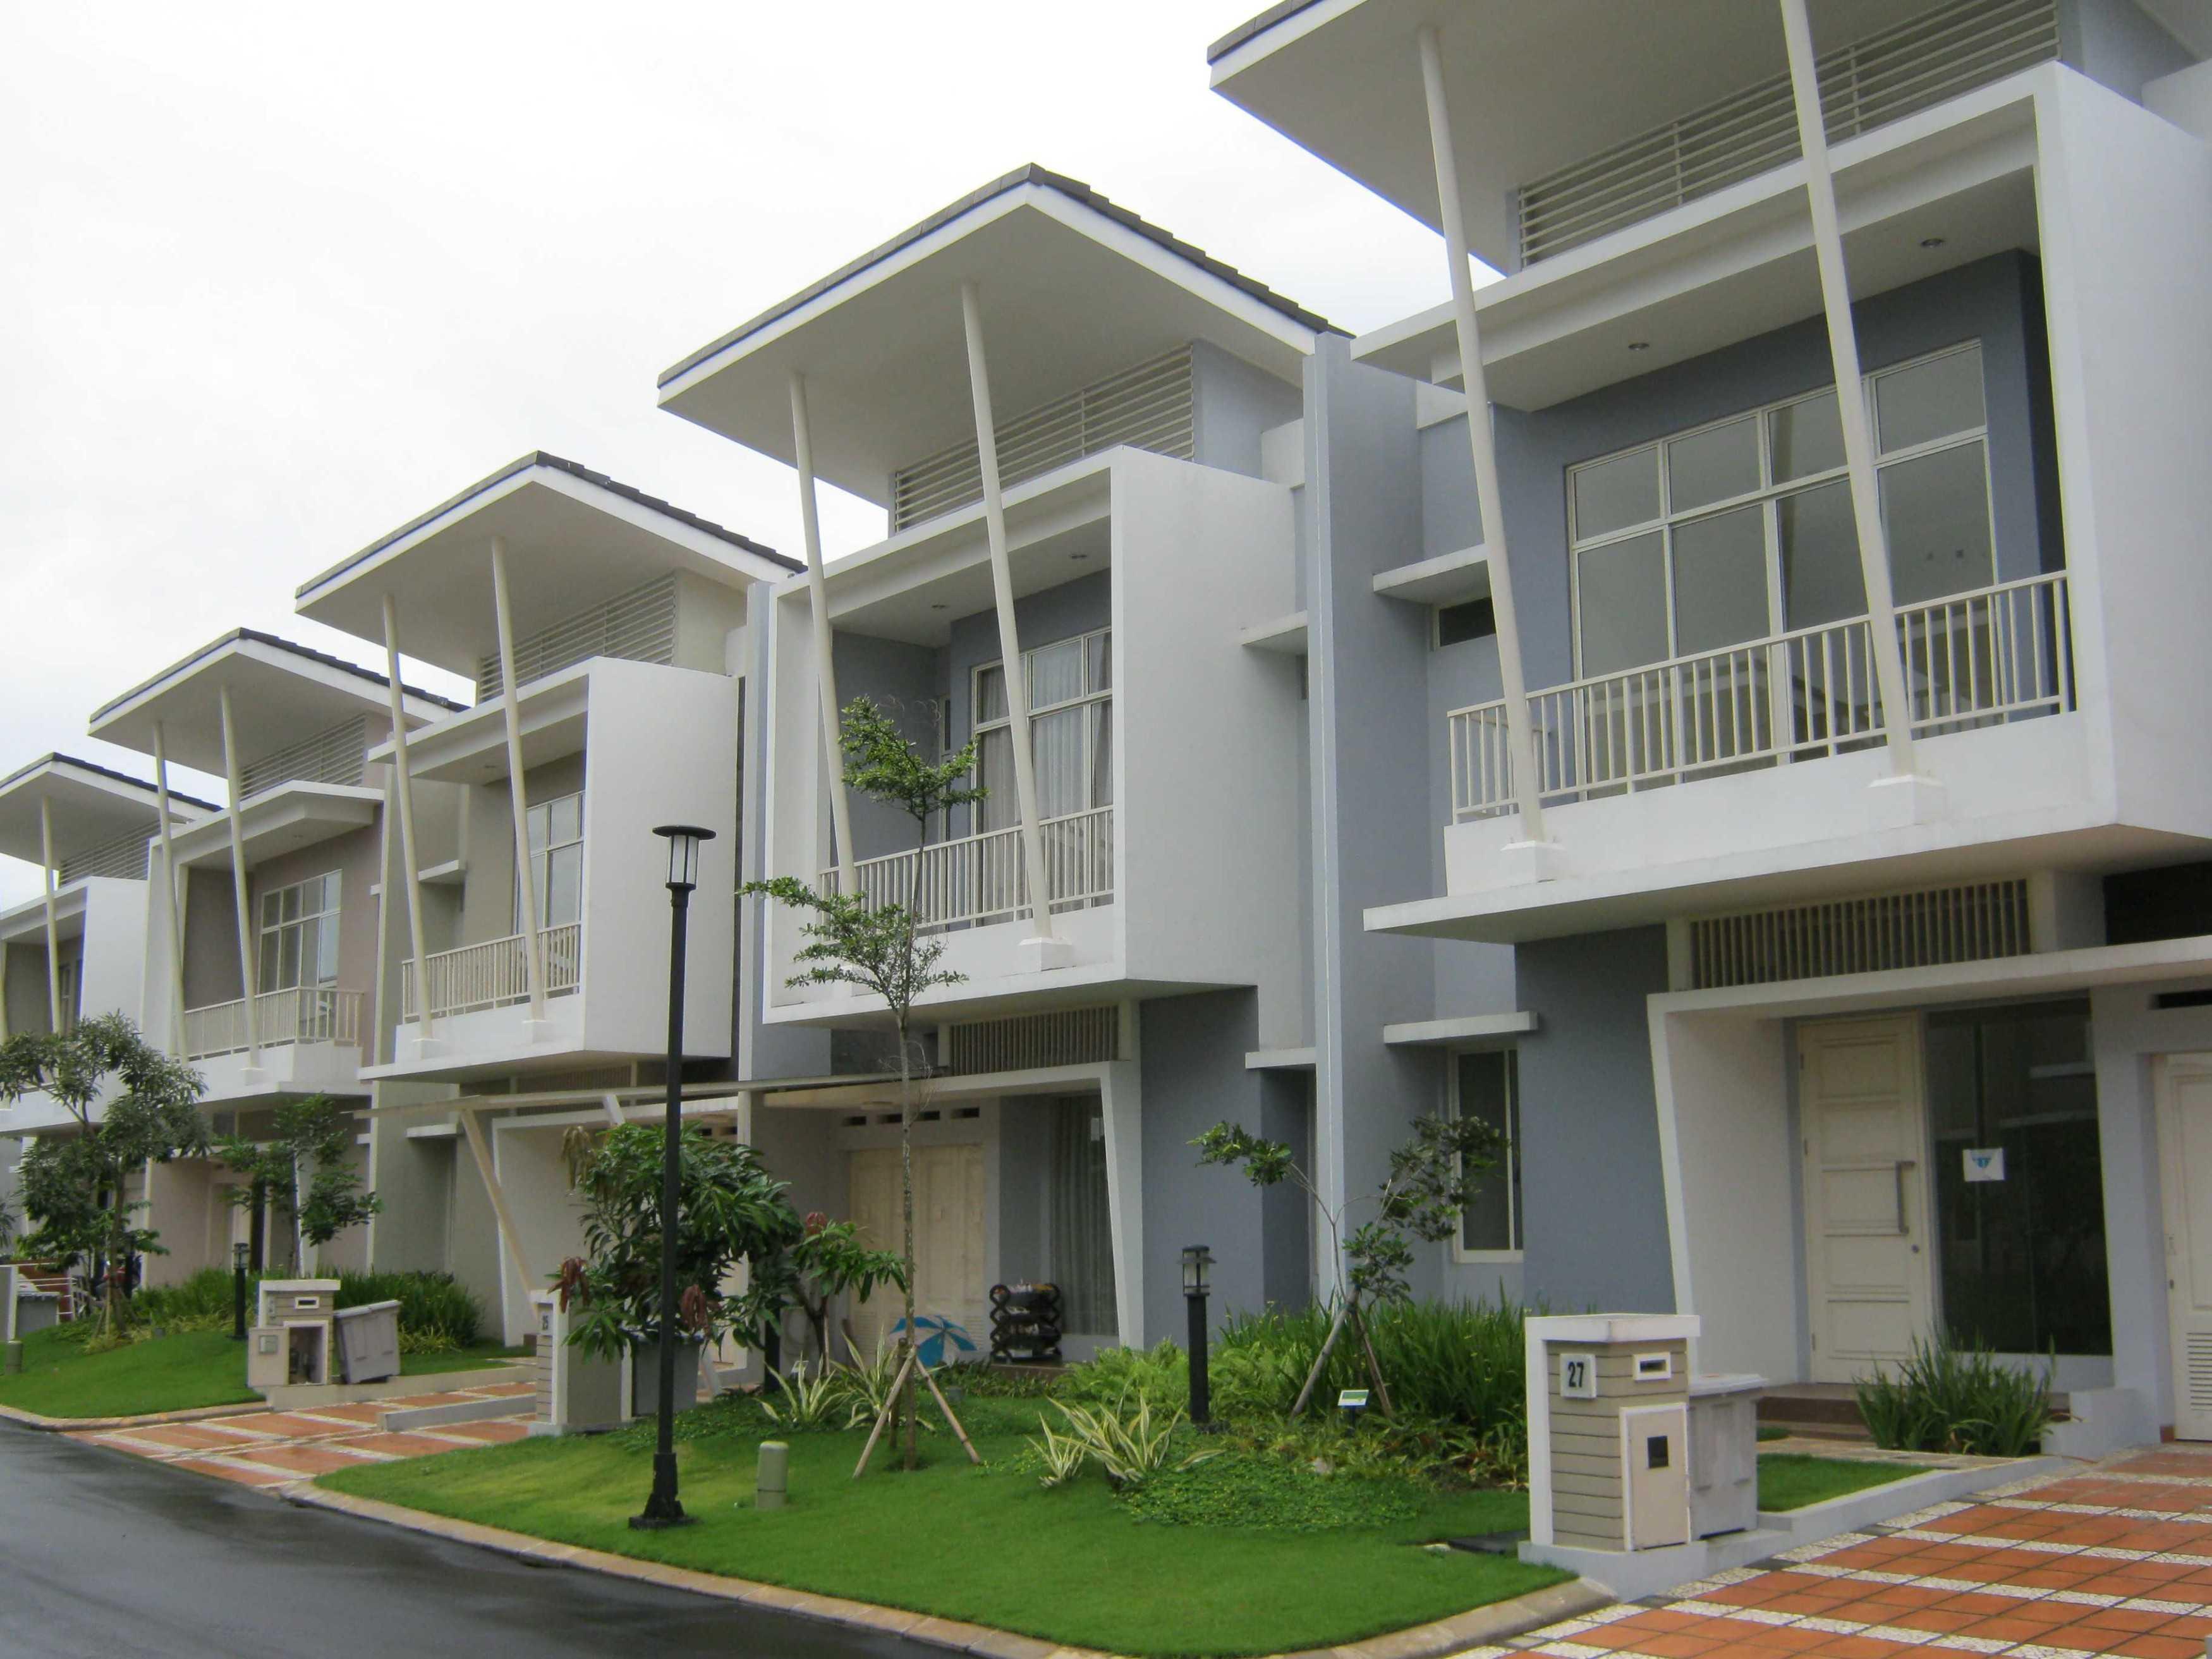 Krida Kencana Sakti Kontraktor Grisea Residential Projects Serpong, South Tangerang City, Banten, Indonesia  Img1420 Kontemporer  34285